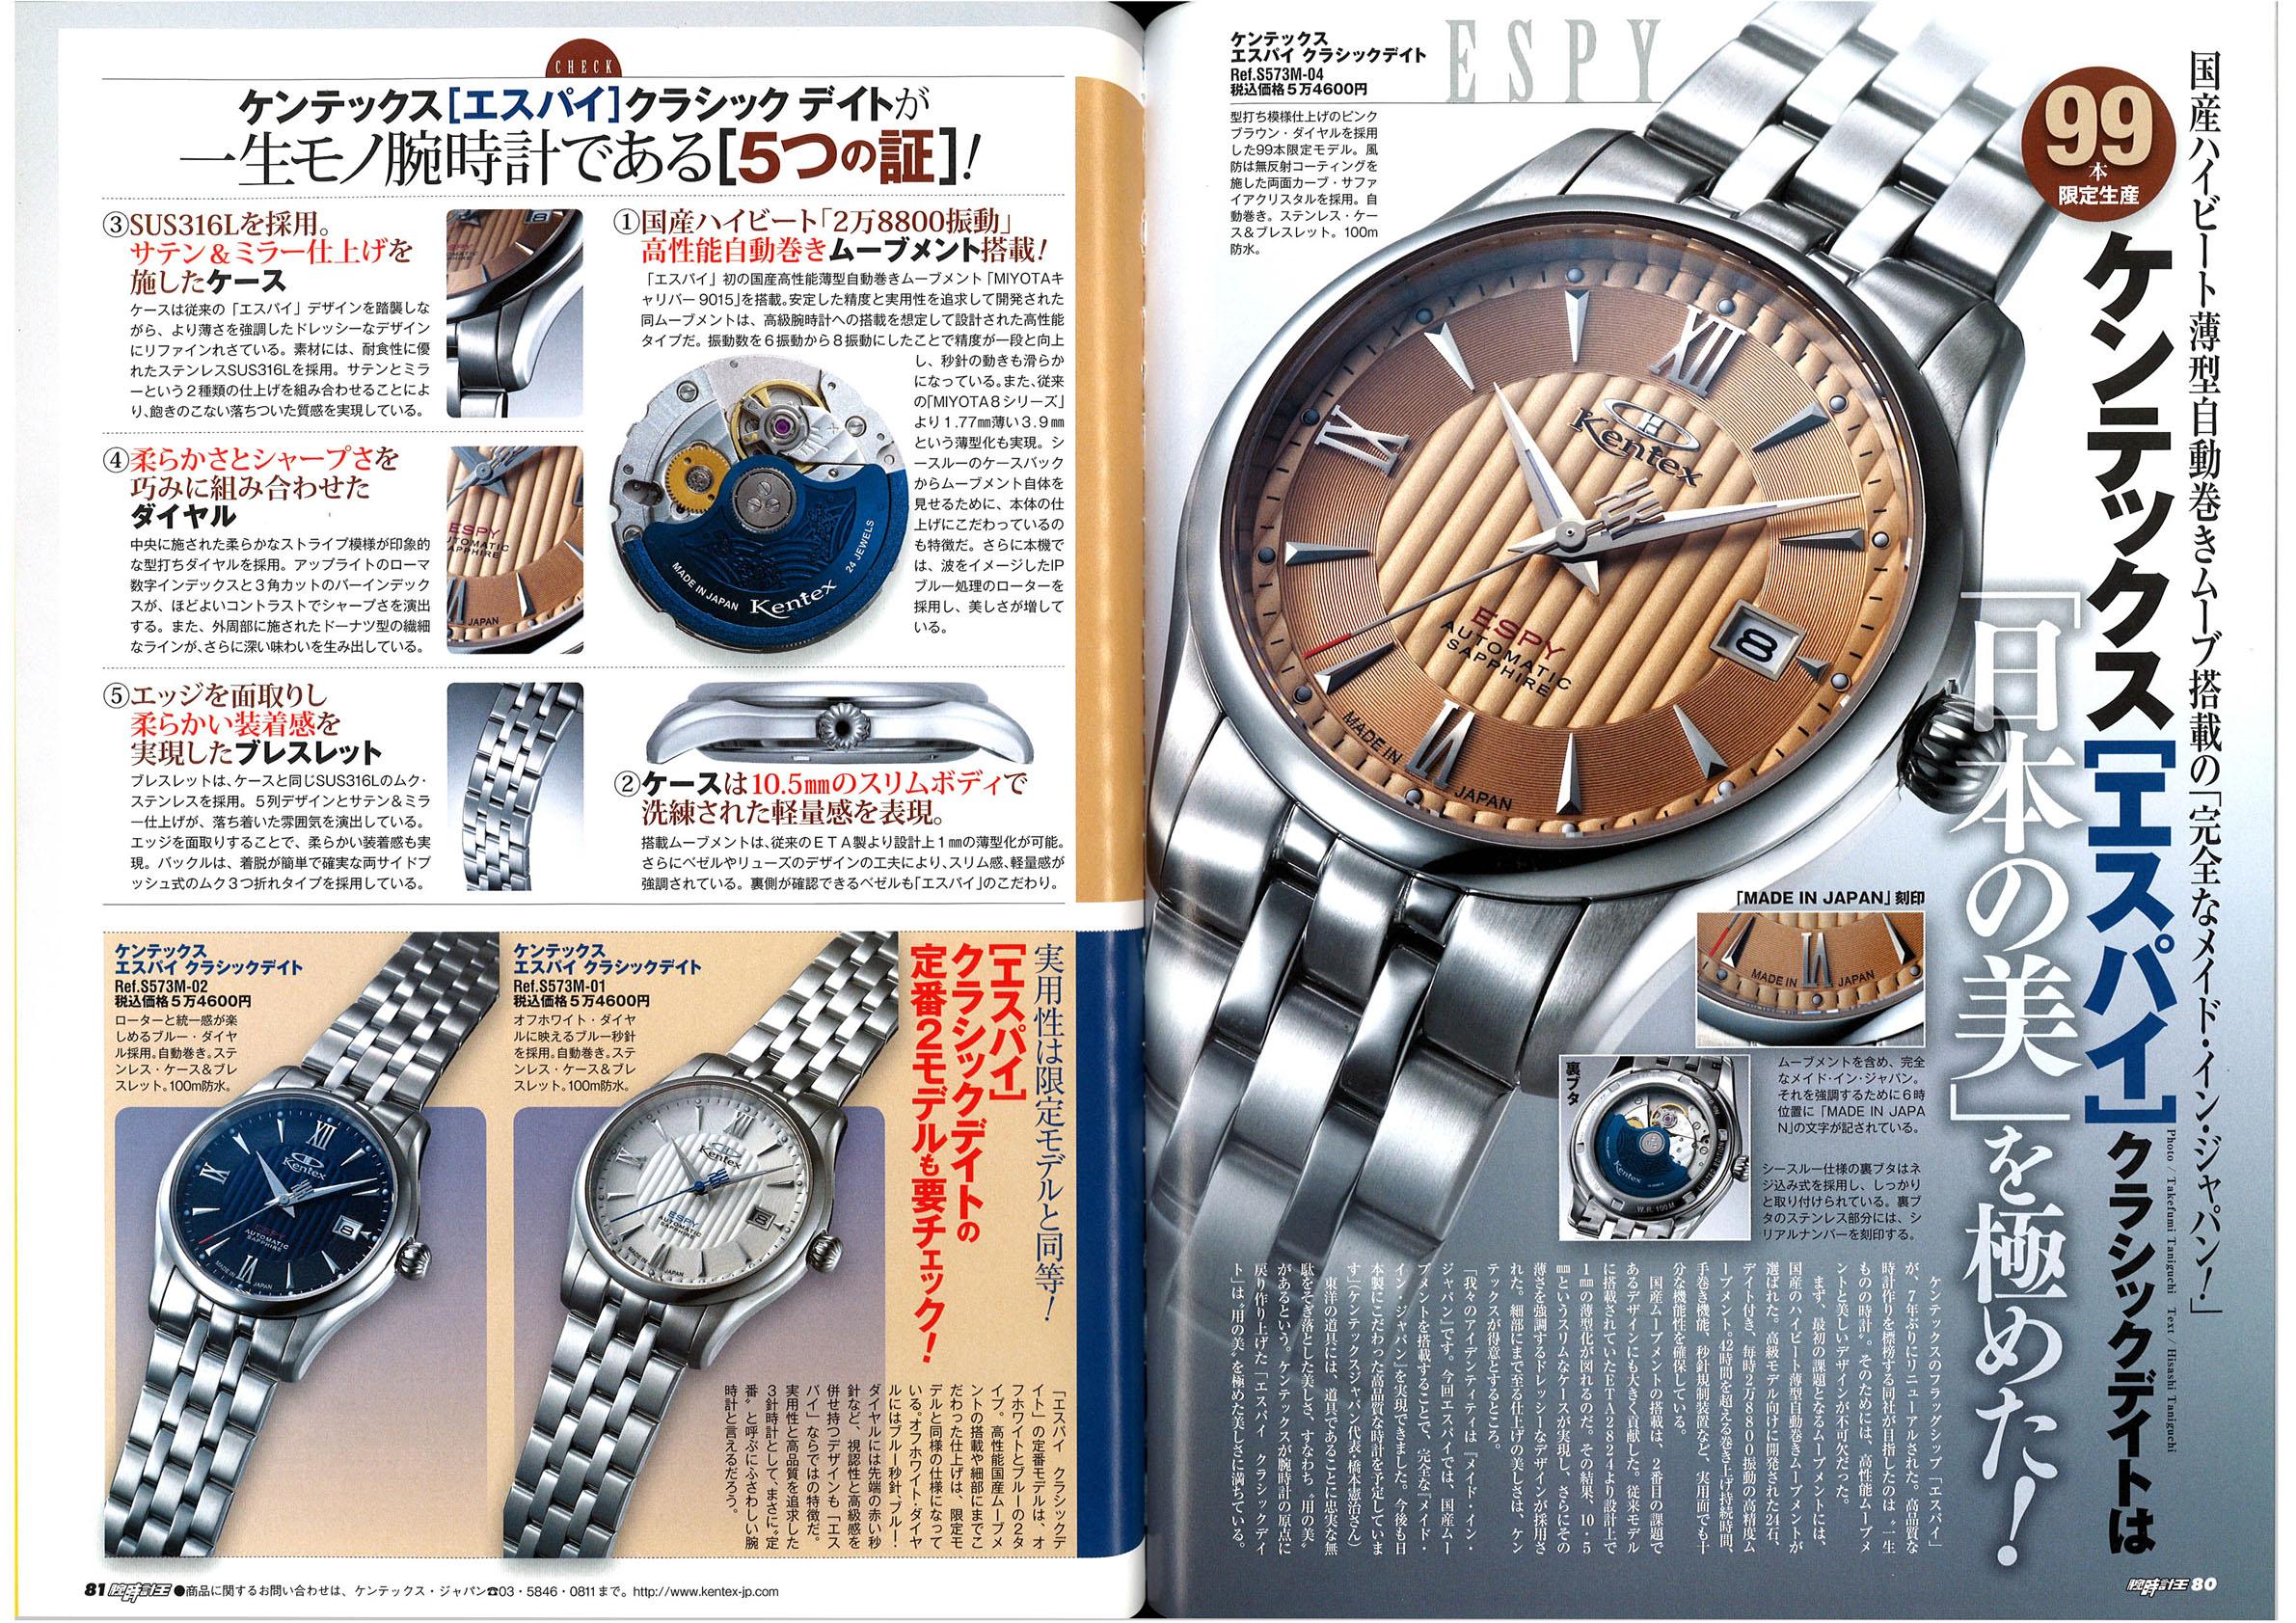 腕時計王Vol.48 E573Mタイアップ